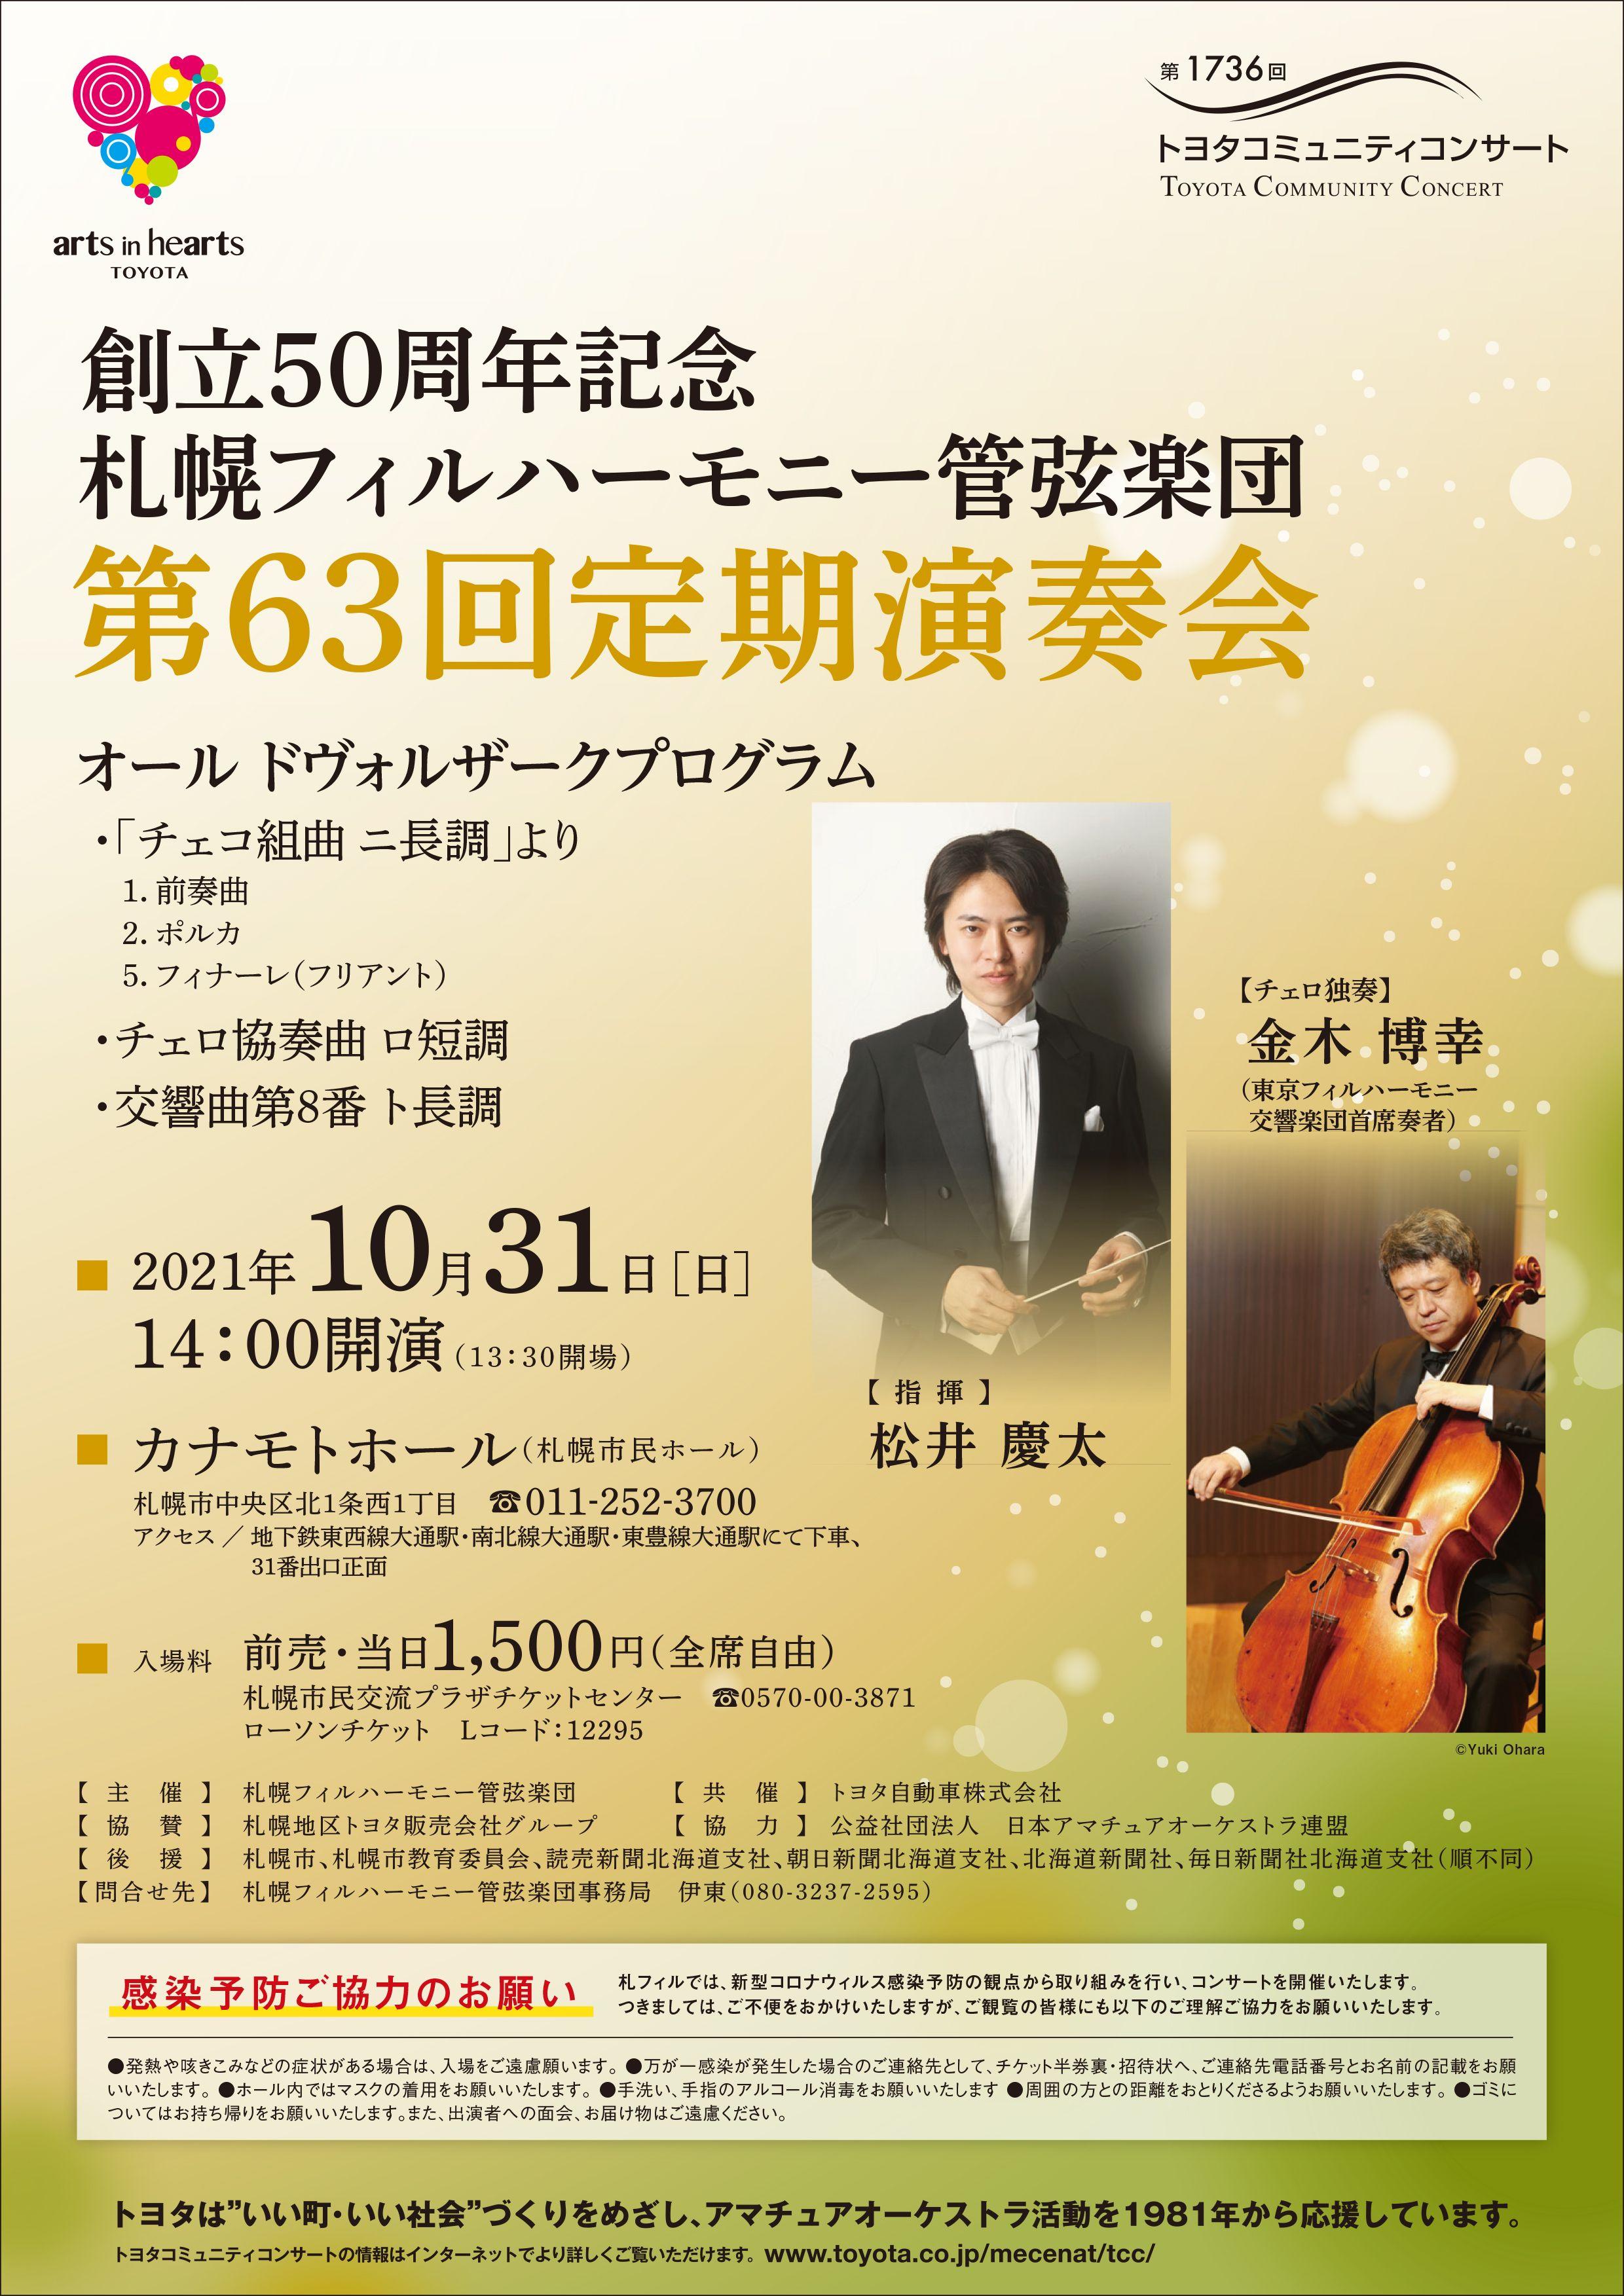 創立50周年記念 札幌フィルハーモニー管弦楽団 第63回定期演奏会 イメージ画像